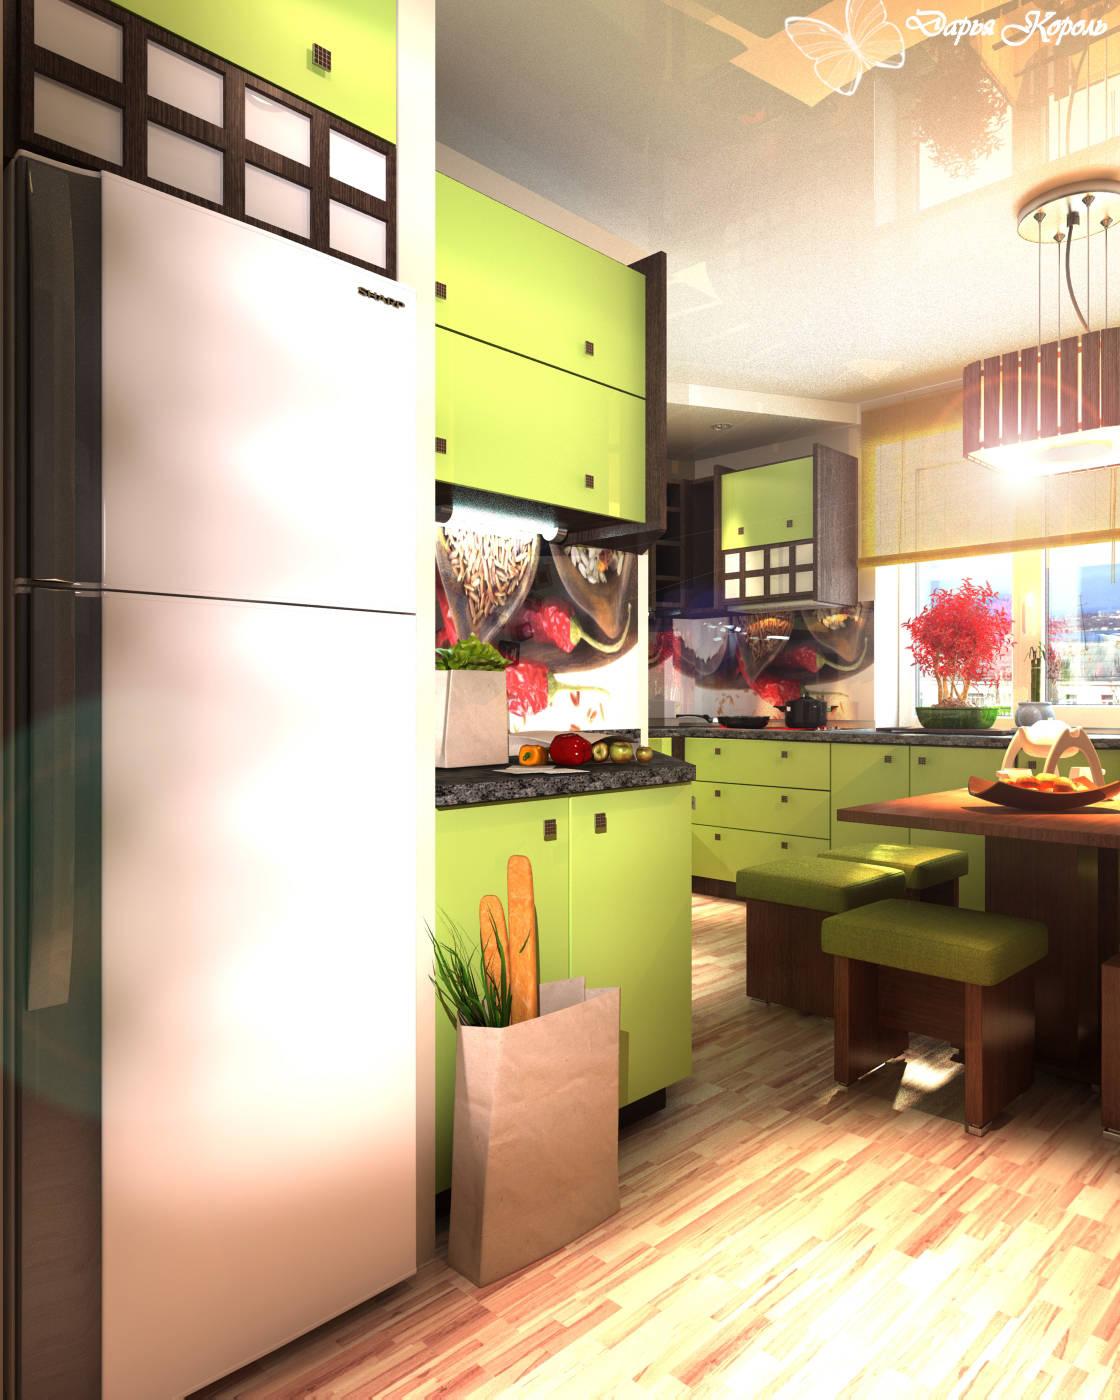 Кухня где любят готовить суши=)